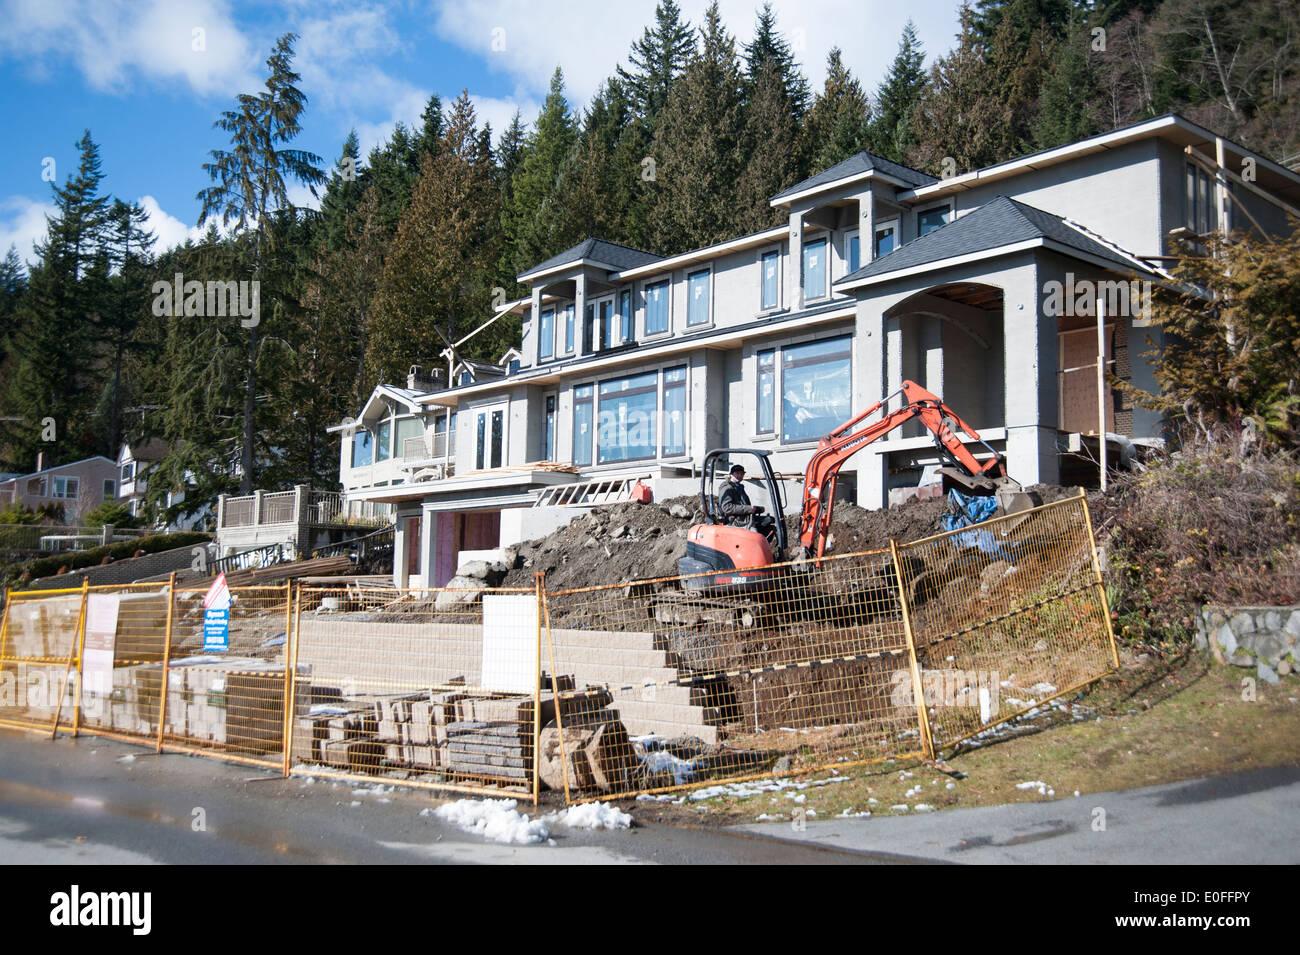 Bau eines großen Hauses in der britischen Eigenschaften von West Vancouver, British Columbia, Kanada Stockbild